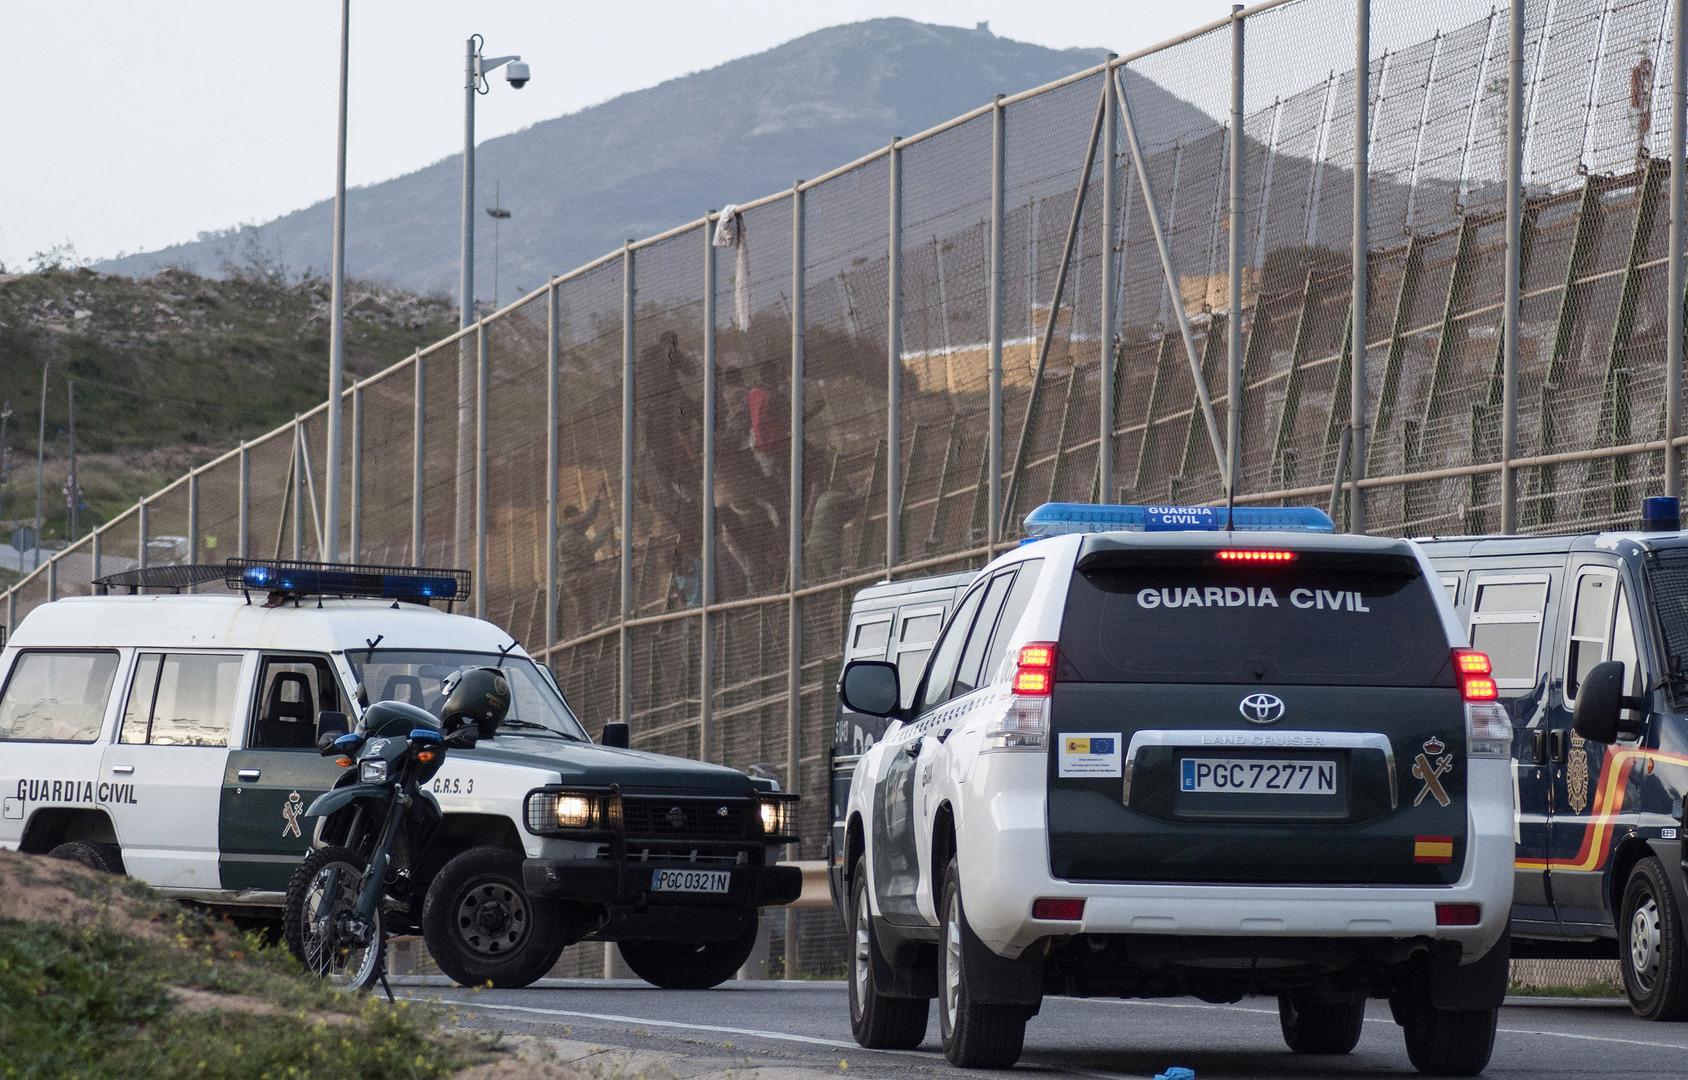 إسبانيا تدرس إلغاء اتفاق بشأن حدود المغرب مع سبتة ومليلية